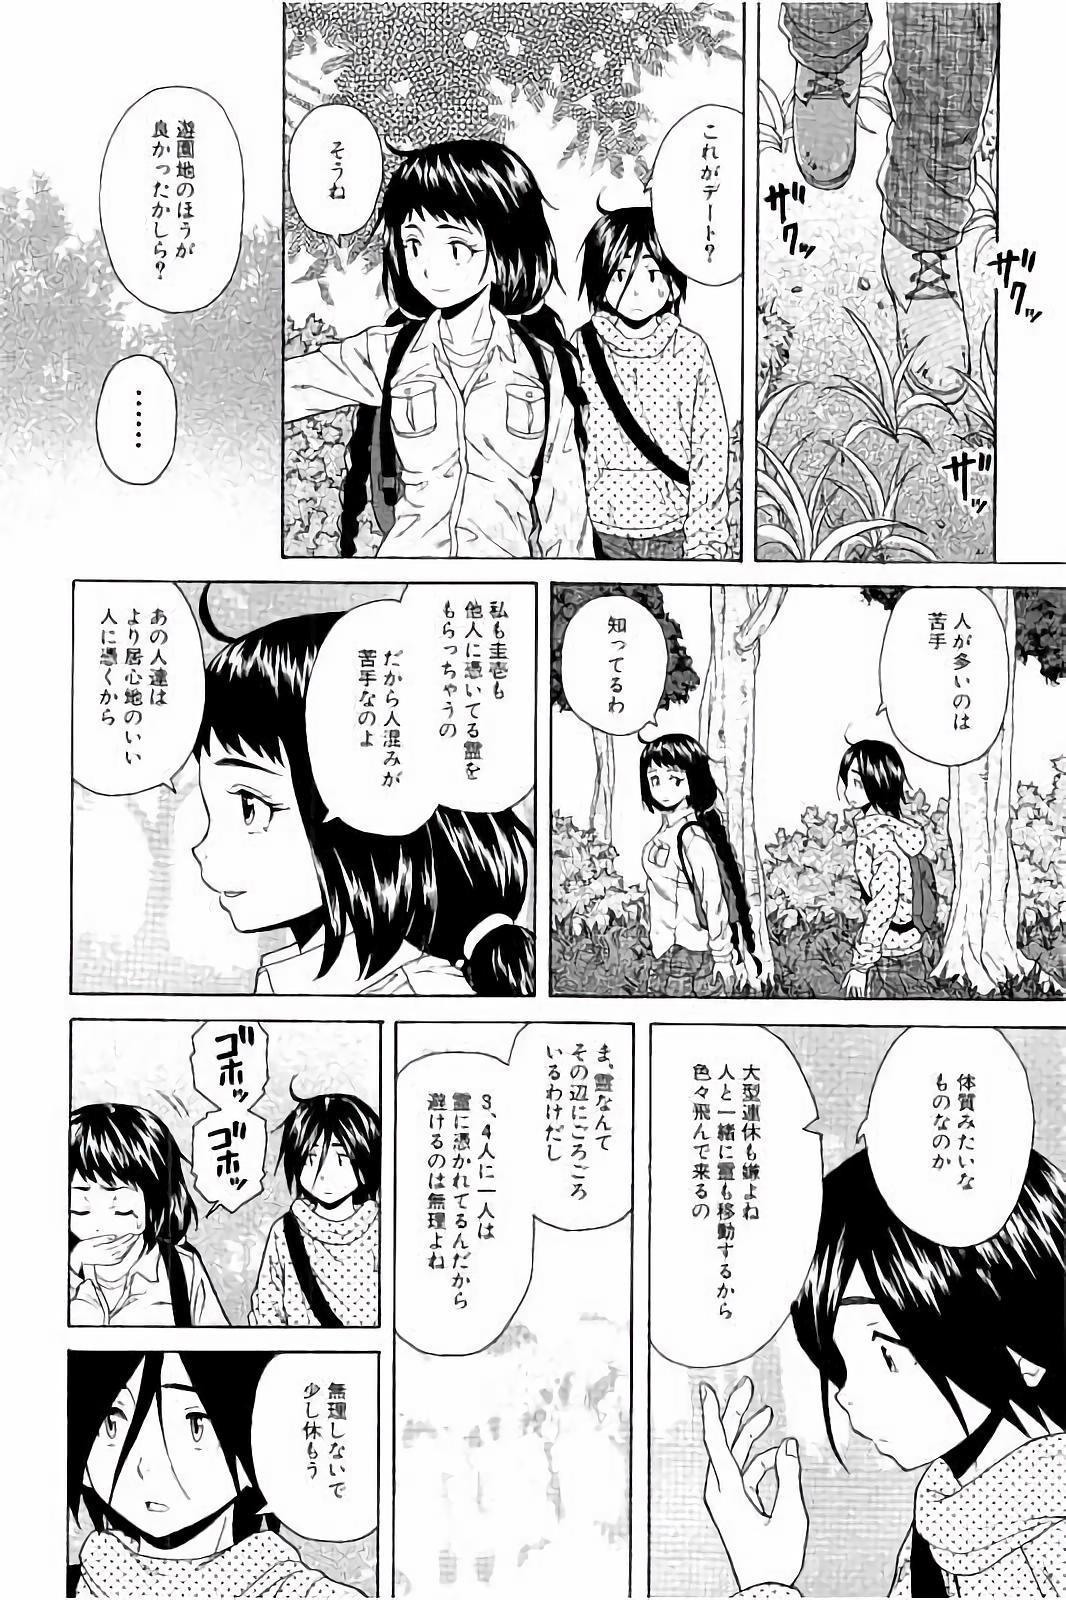 Ane no Himitsu To Boku no Jisatsu 91